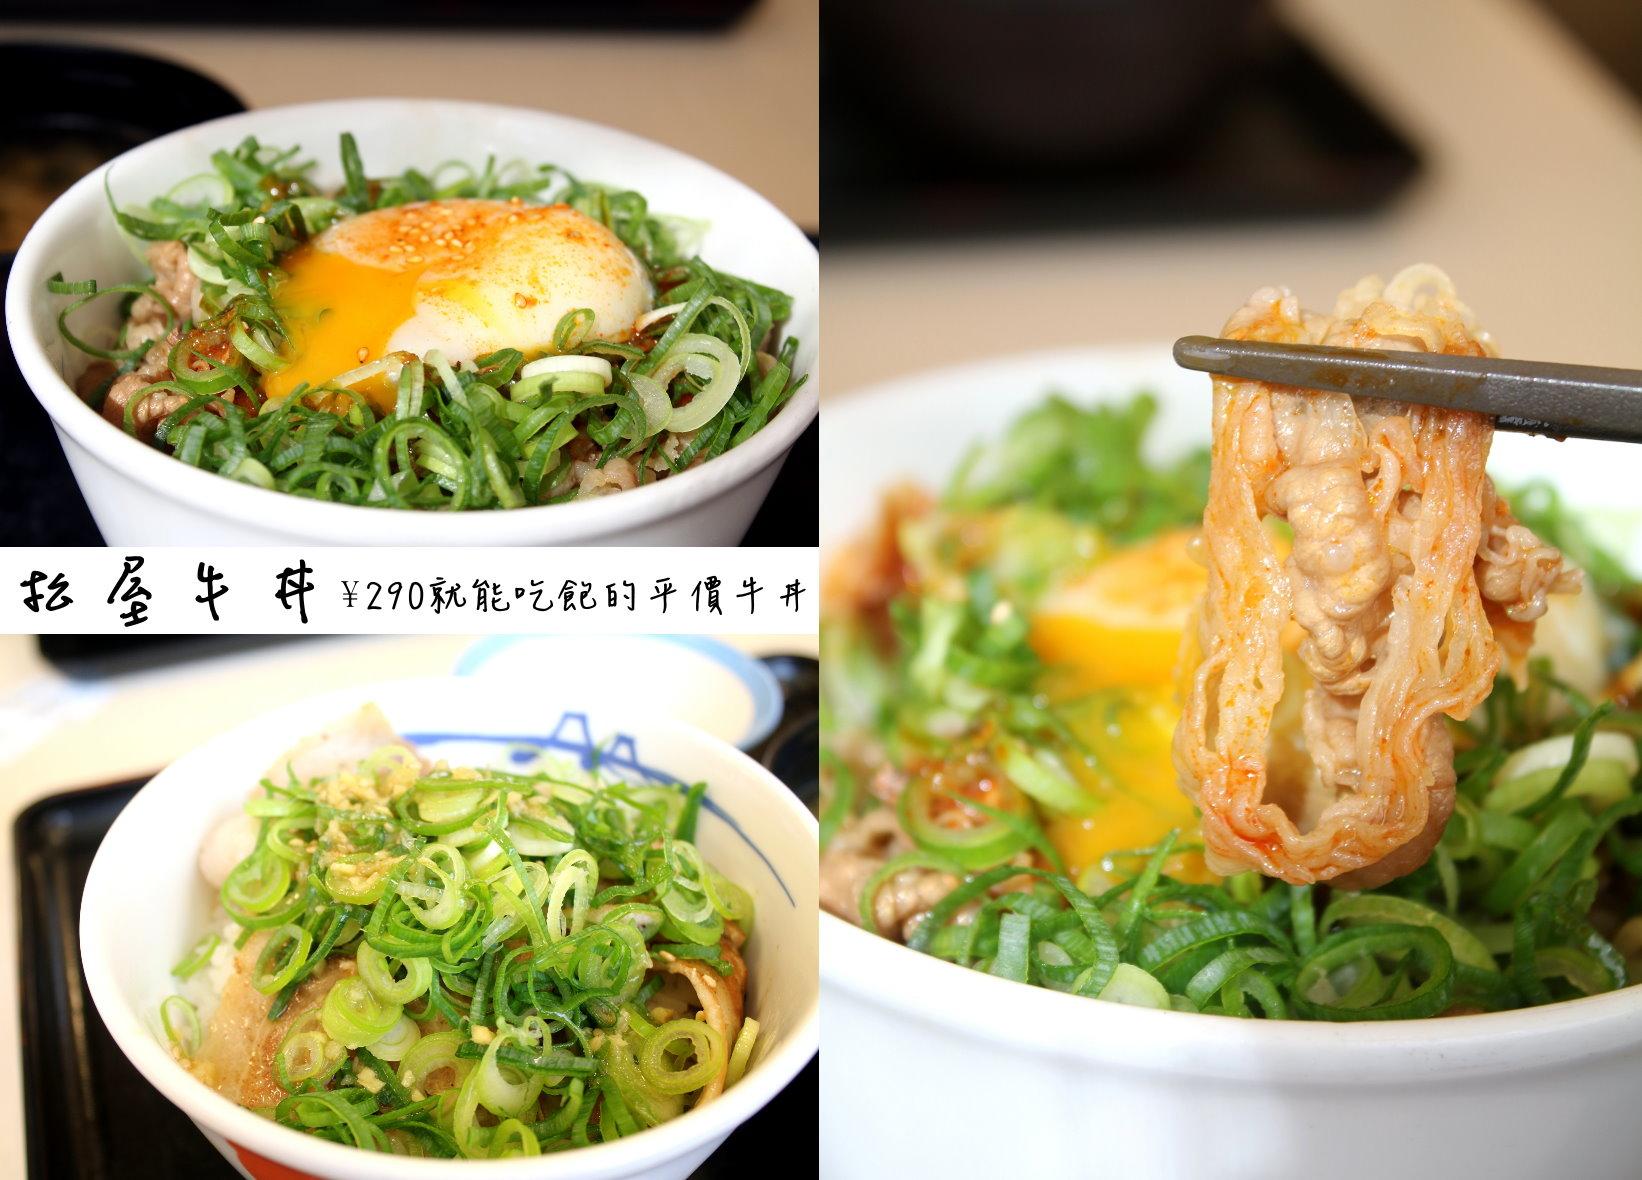 【日本美食】松屋牛丼Matsuya–日本平價美食¥290就能解決一餐~台灣也有分店,平價牛丼推薦! @J&A的旅行